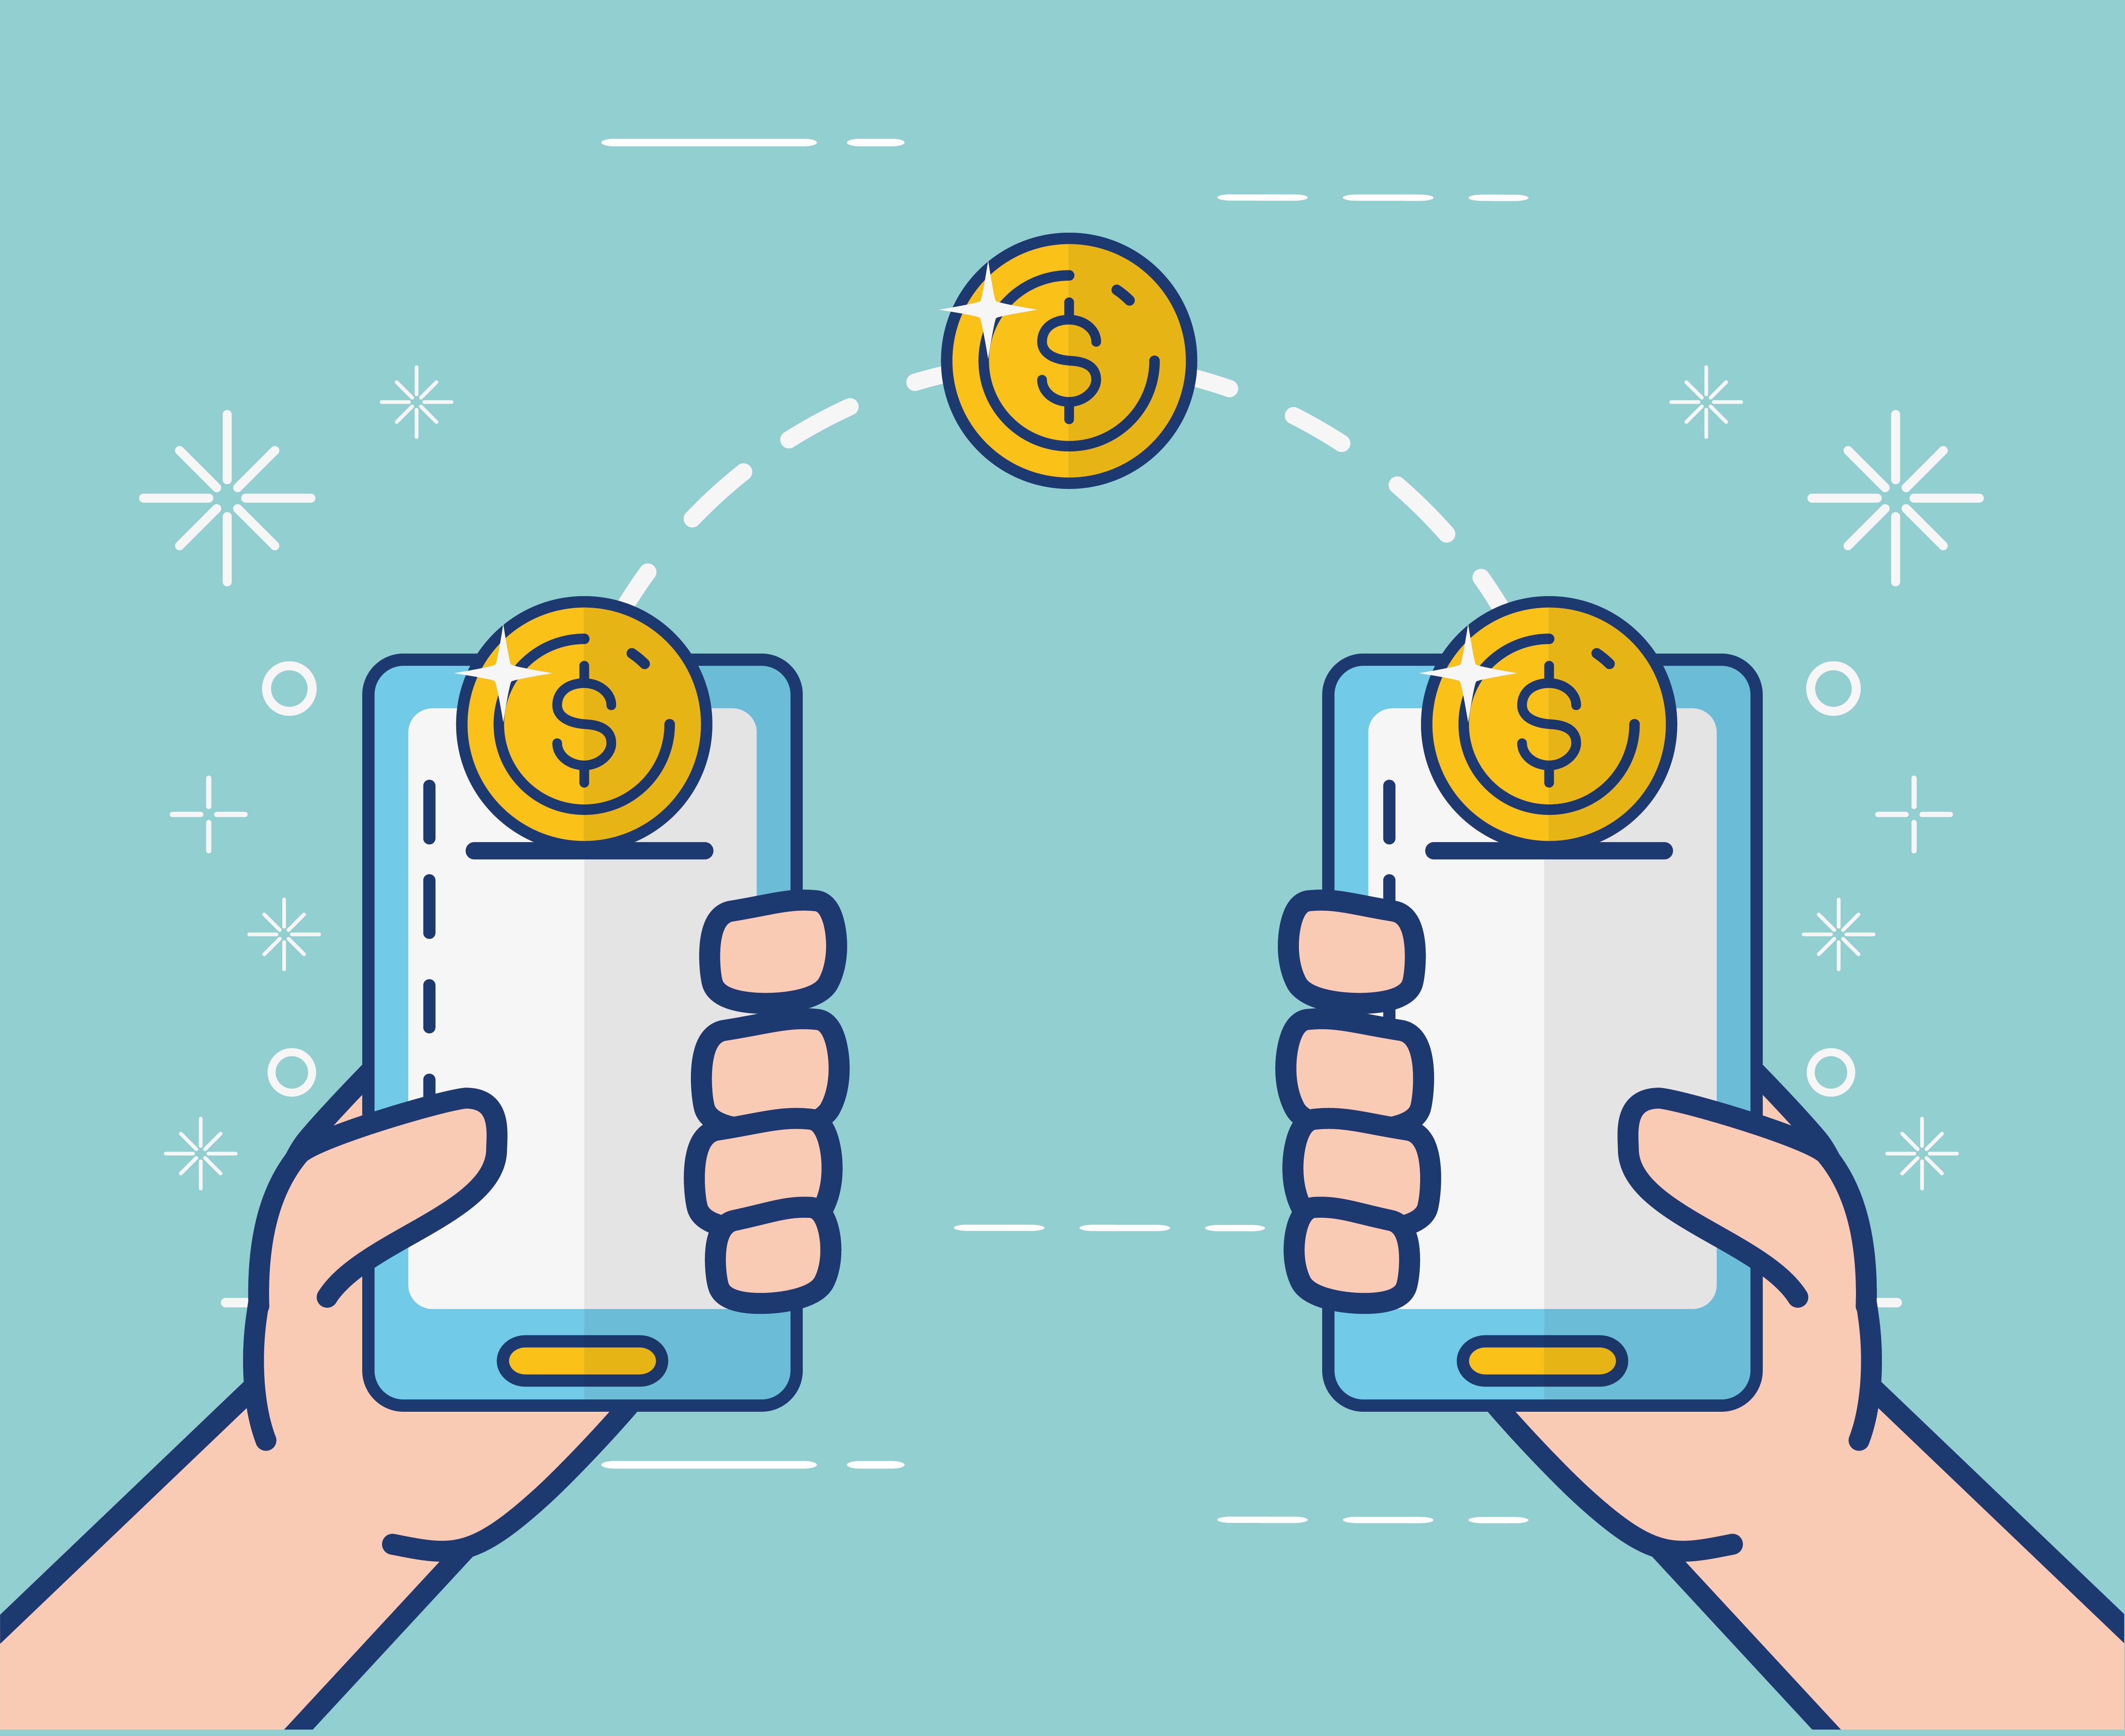 CoopeSanRamón Móvil ofrece transacciones en tiempo real para sus usuarios